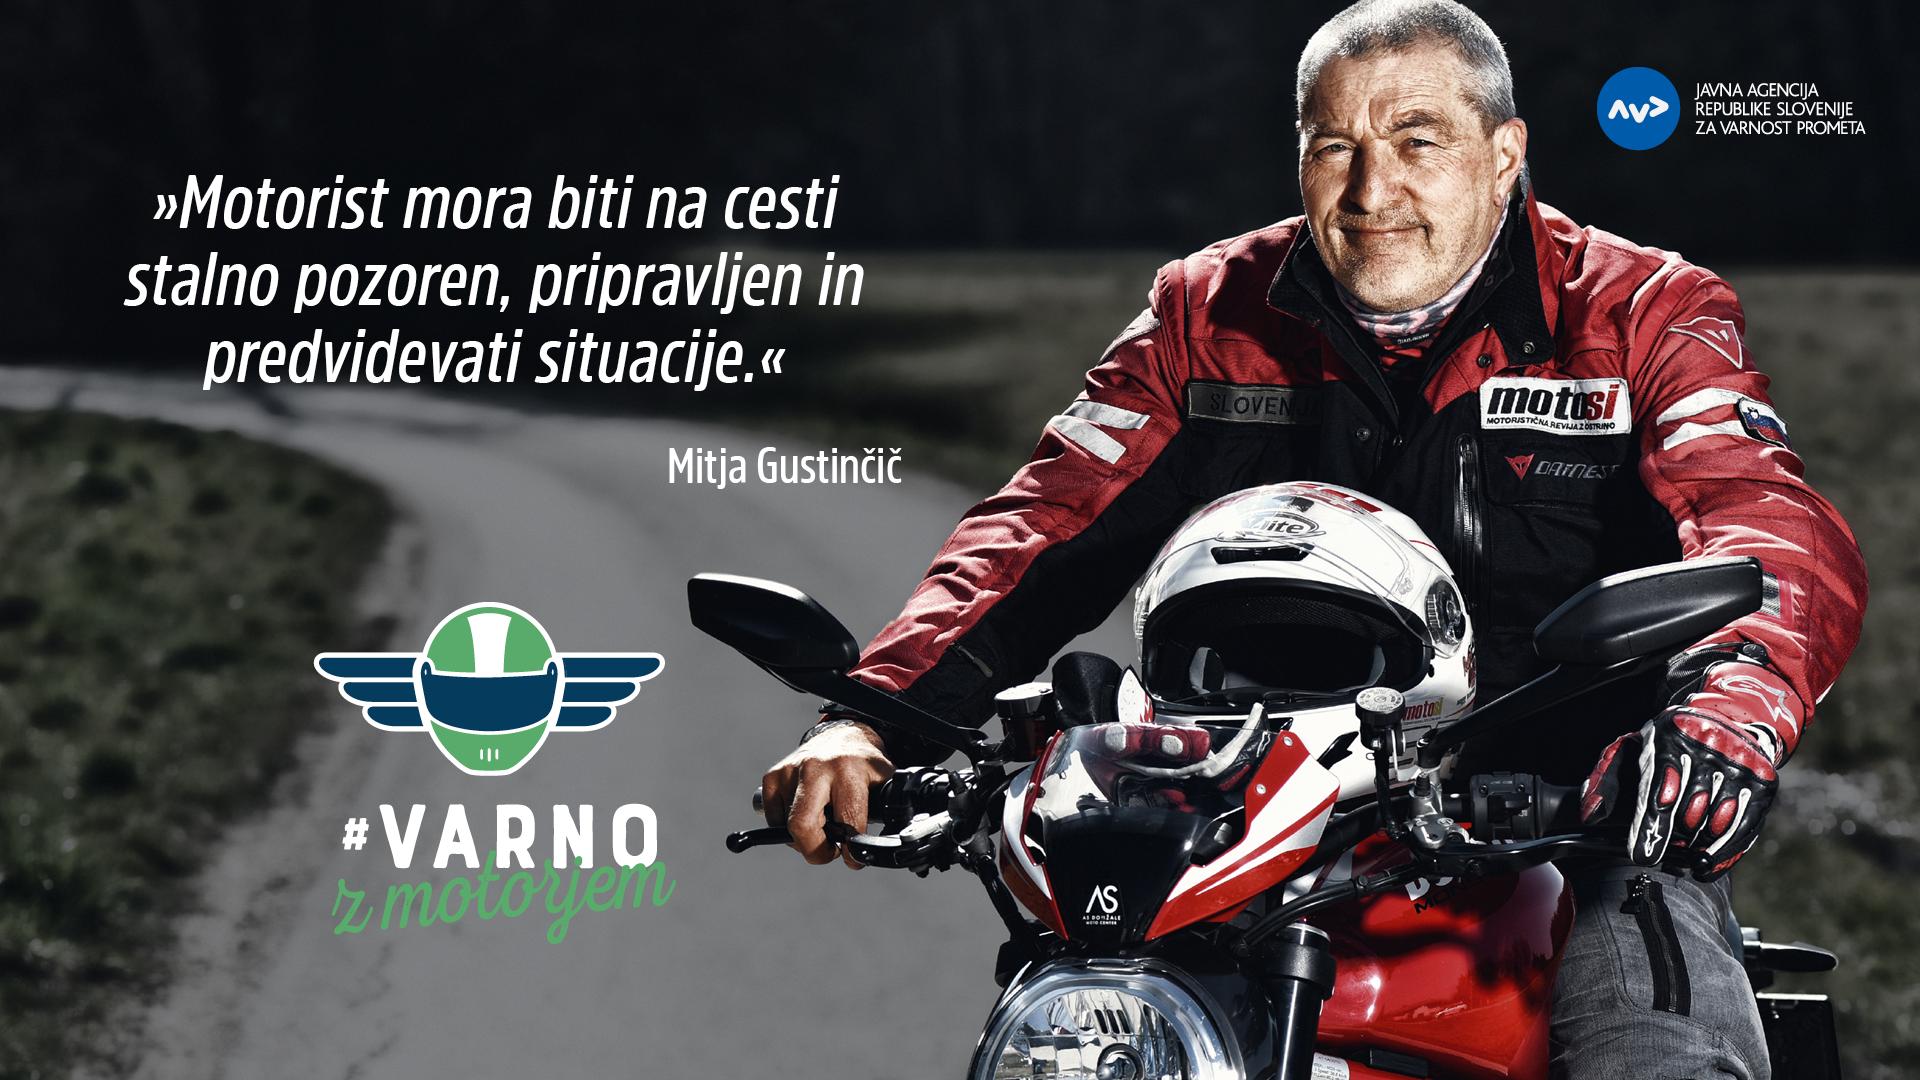 Mitja Gustinčič - #VarnoZMotorjem